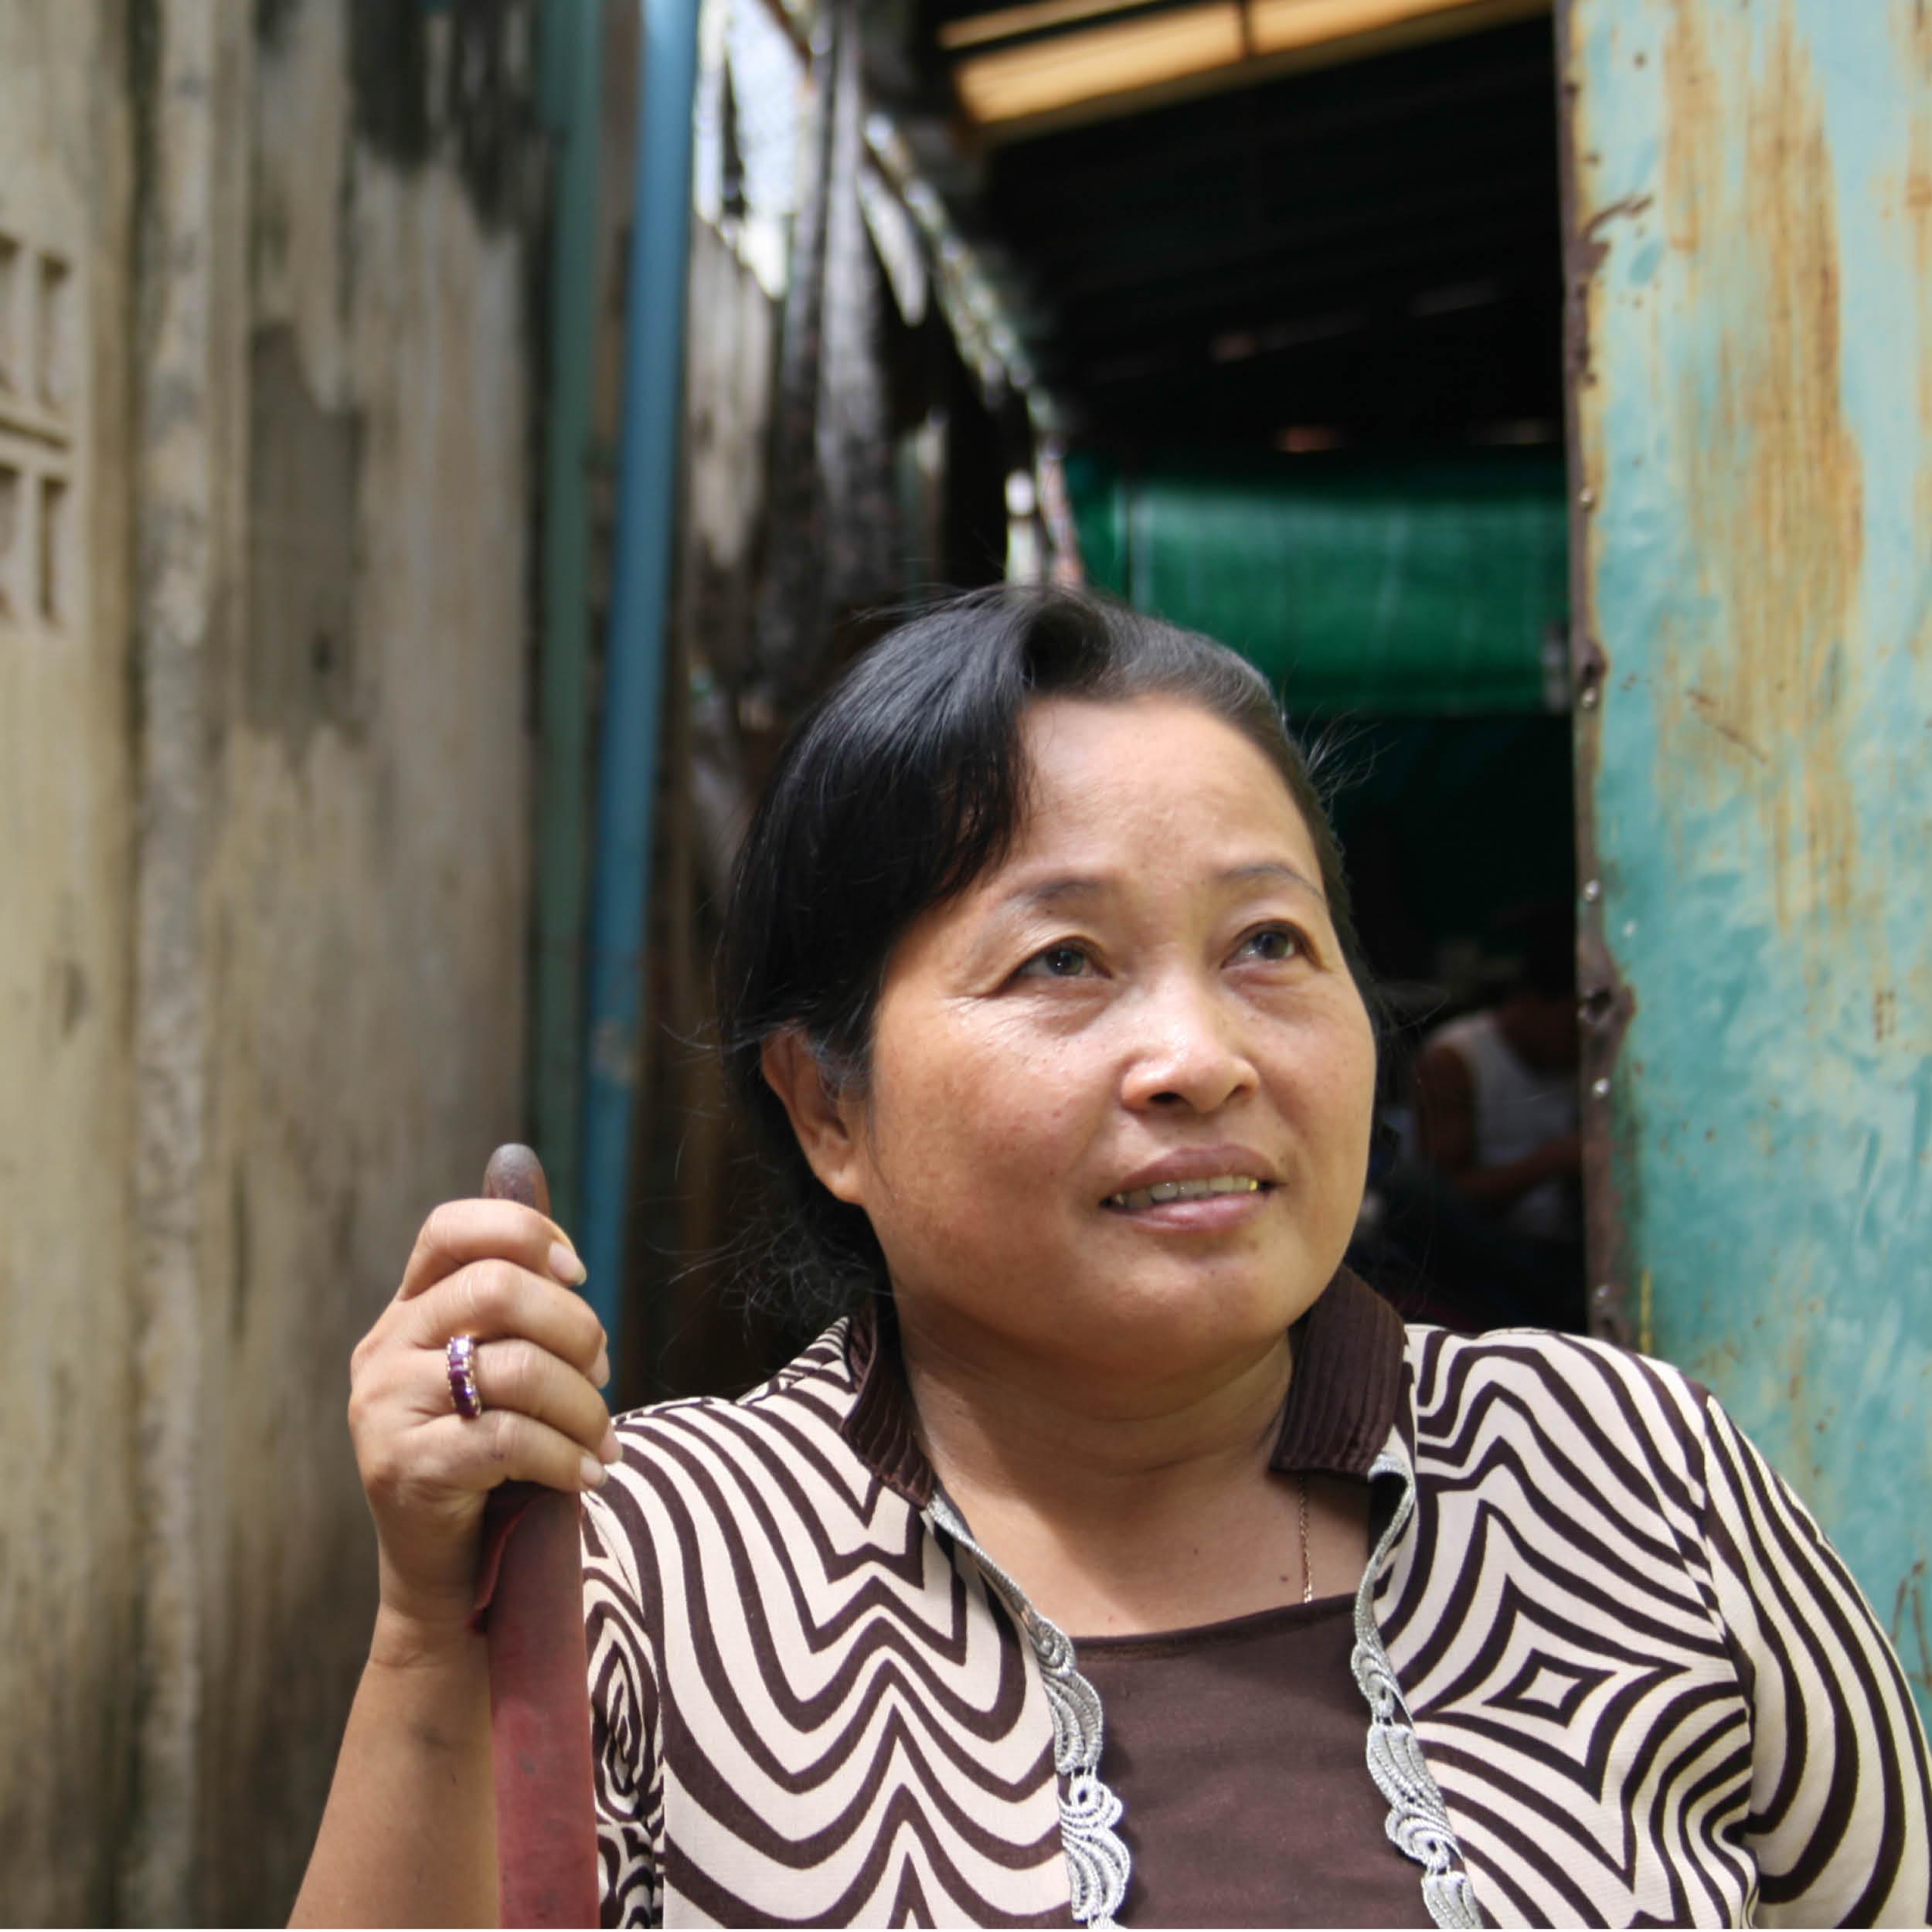 NÄHERIN & STICKERIN    HERKUNFT: Phnom Penh, Kambodscha  ALTER: 53  ♥ FARBE: gelb   Mein Name ist Touch Chunny und ich denke ich bin eine sehr glückliche Person. Ich bin in der nähe von Phnom Penh aufgewachsen zusammen mit meinen beiden Brüdern. Ich arbeite nun schon seit 17 Jahren und ich mag es sehr. Außerdem ermöglicht er mir einen guten Lebensstandard und ich kann meine Familie und mich damit ernähren. Ich habe eine Tochter, die zur Schule geht. I mag meine Kolleginnen und Kollegen sehr, es sind alle sehr herzliche Menschen.  Ich liebe es zu schneidern. Mein liebstes REFISHED Produkt ist die Clutch Cotton, weil sie so schöne und unterschiedliche Innenfutter hat.